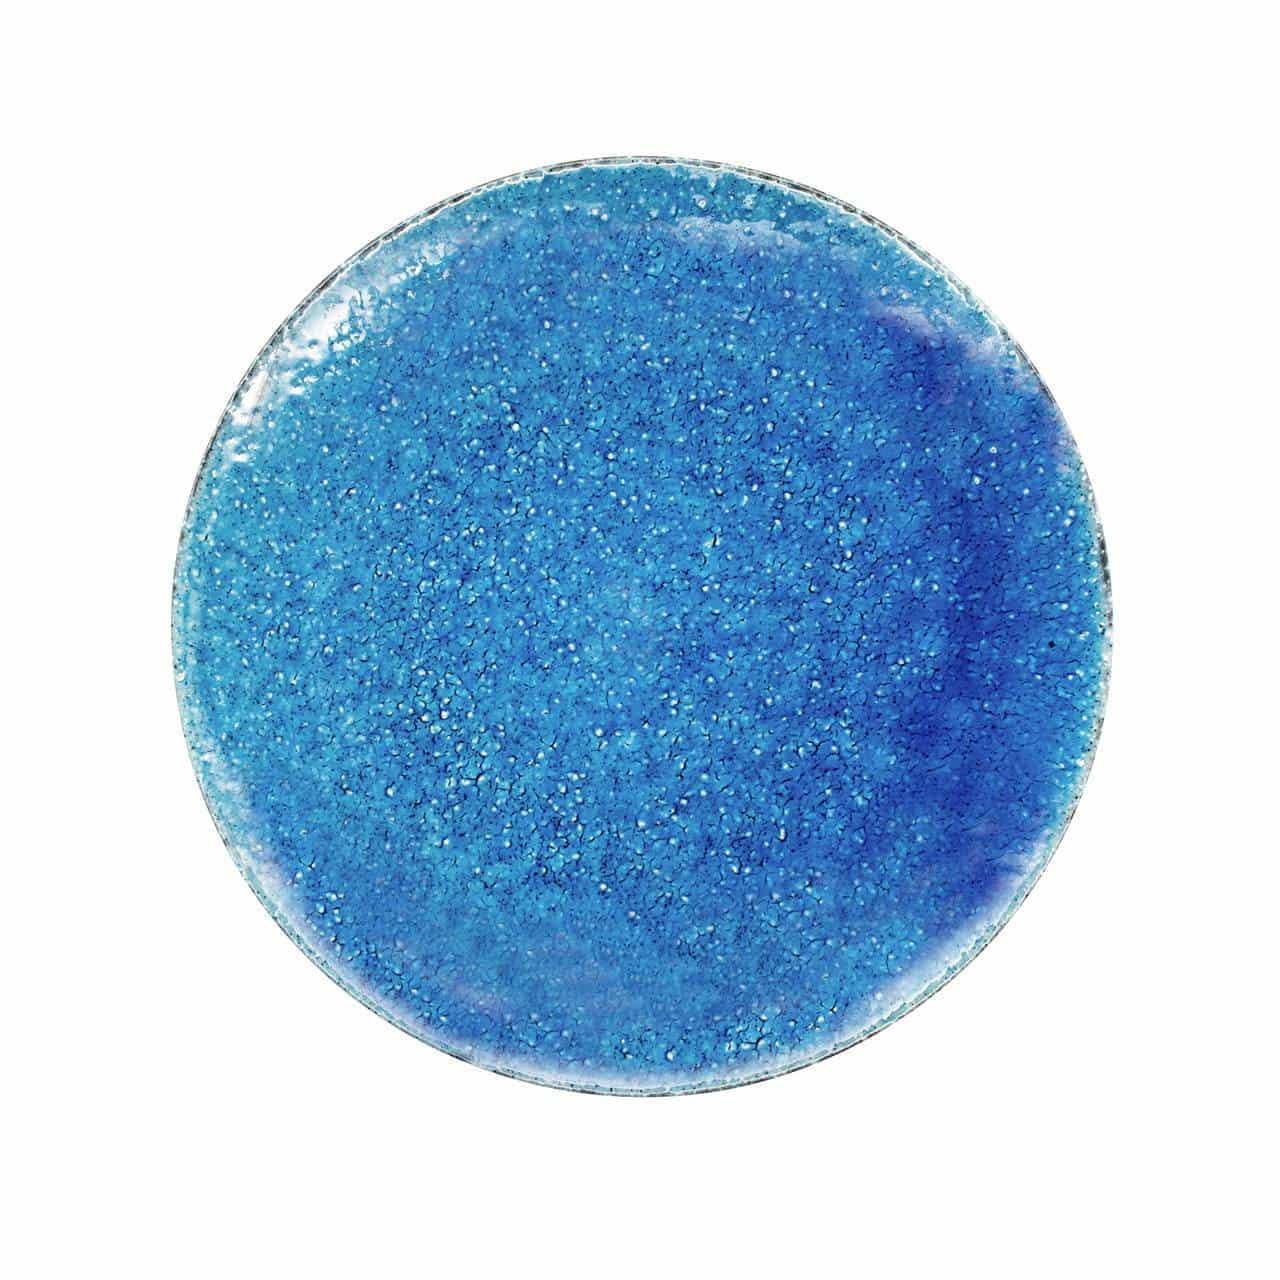 aito製作所 「トルコ釉」プレート 大皿 約20cm ブルー 美濃焼 564104